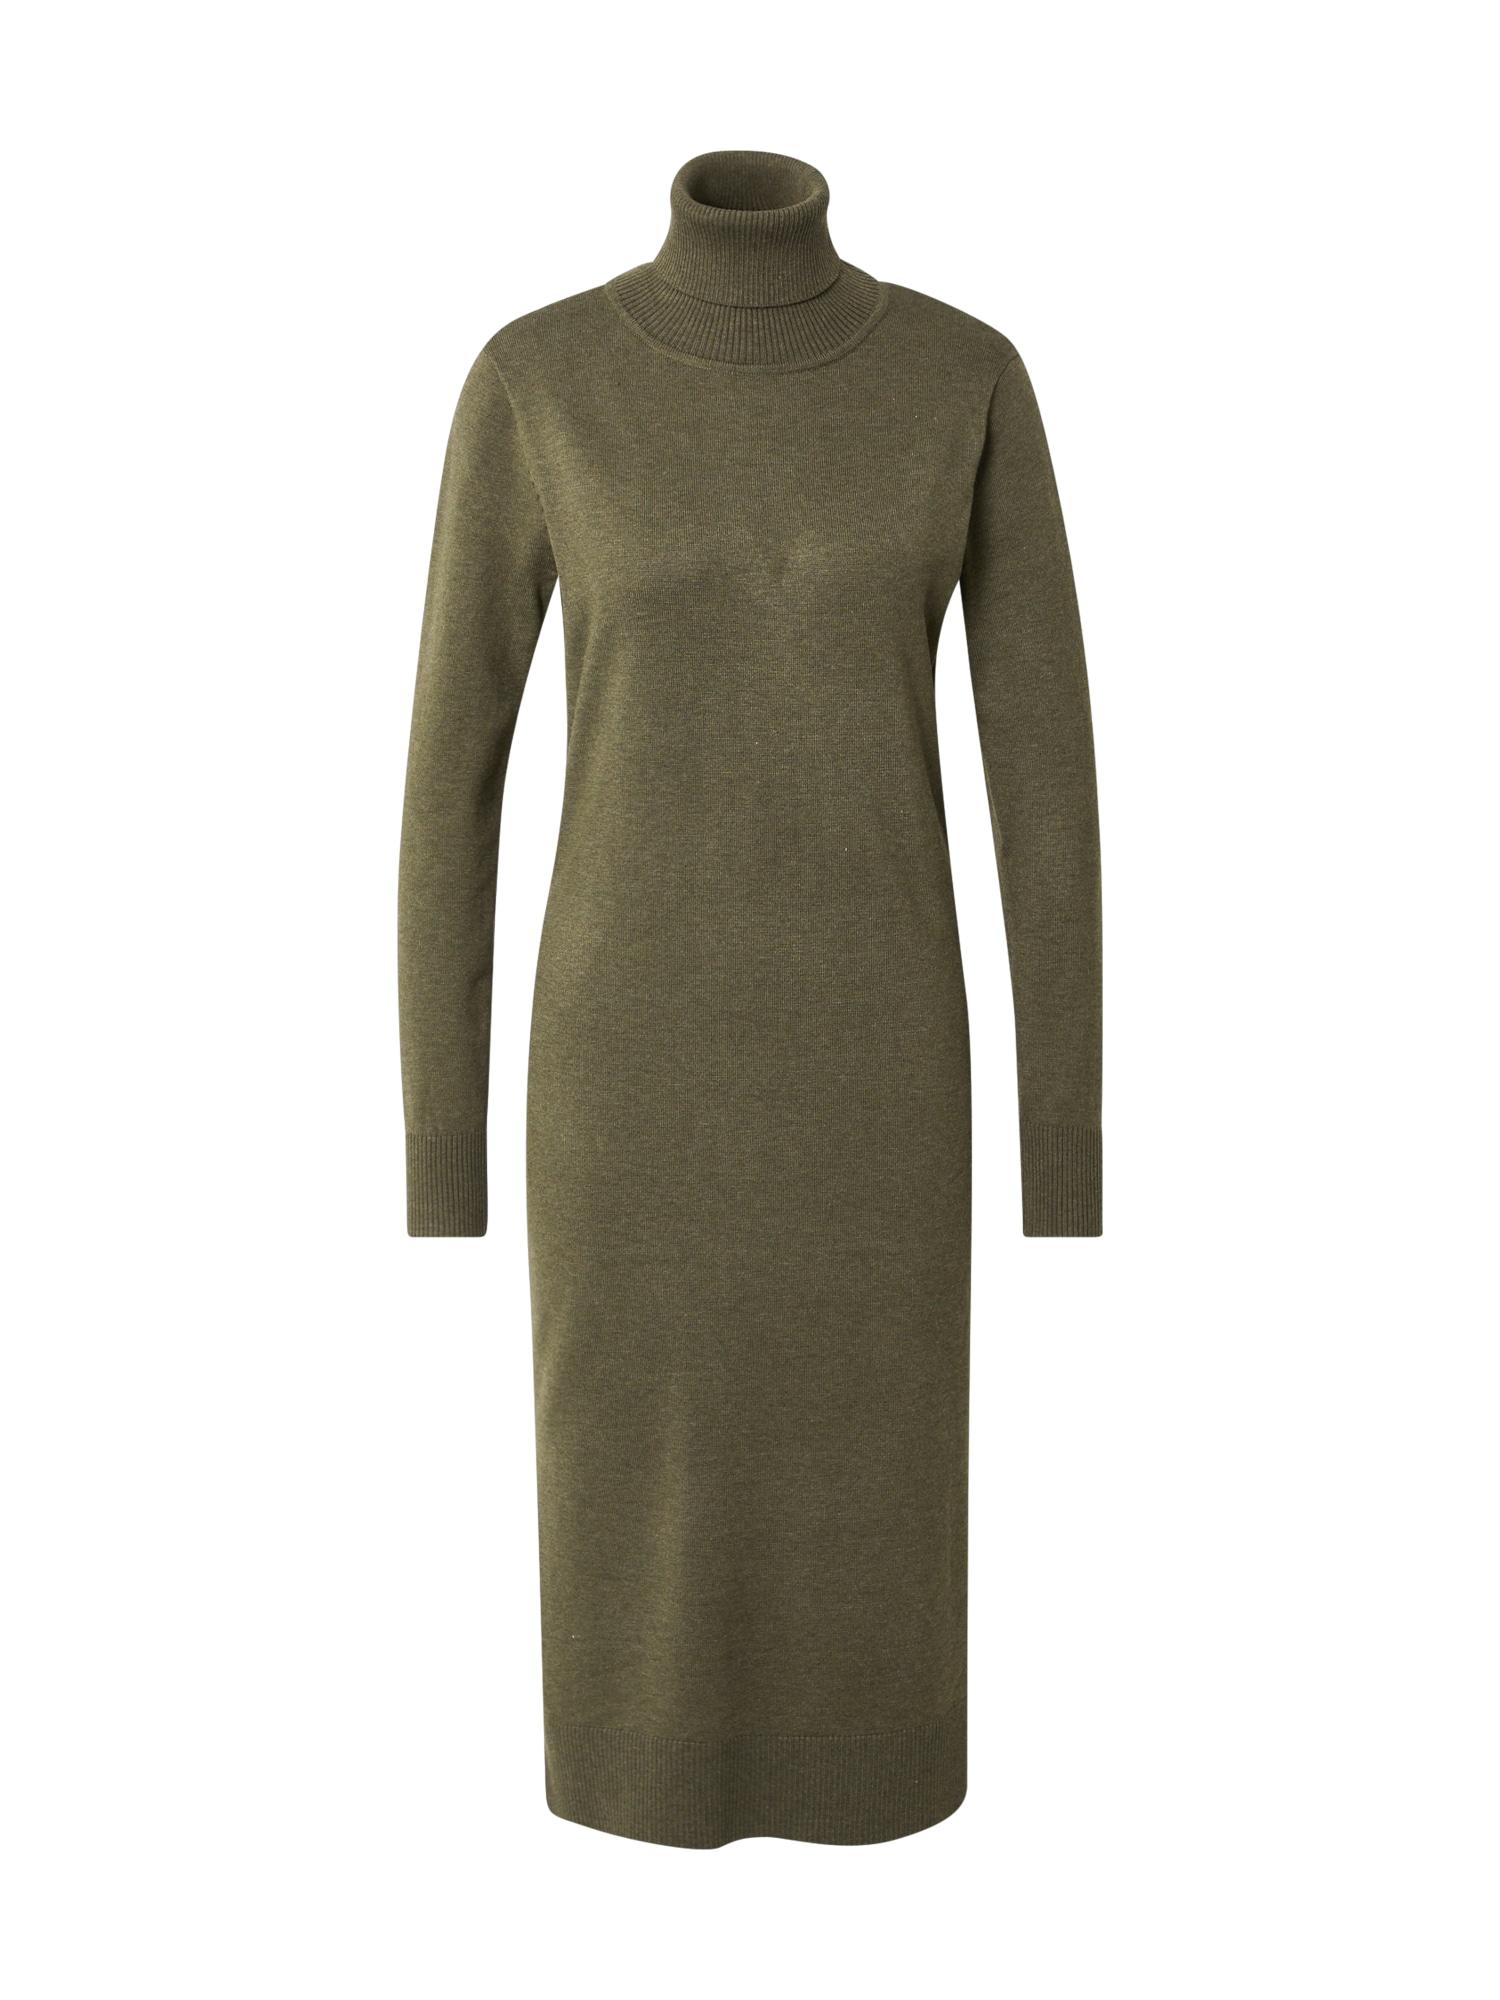 SAINT TROPEZ Úpletové šaty 'Mila'  zelený melír